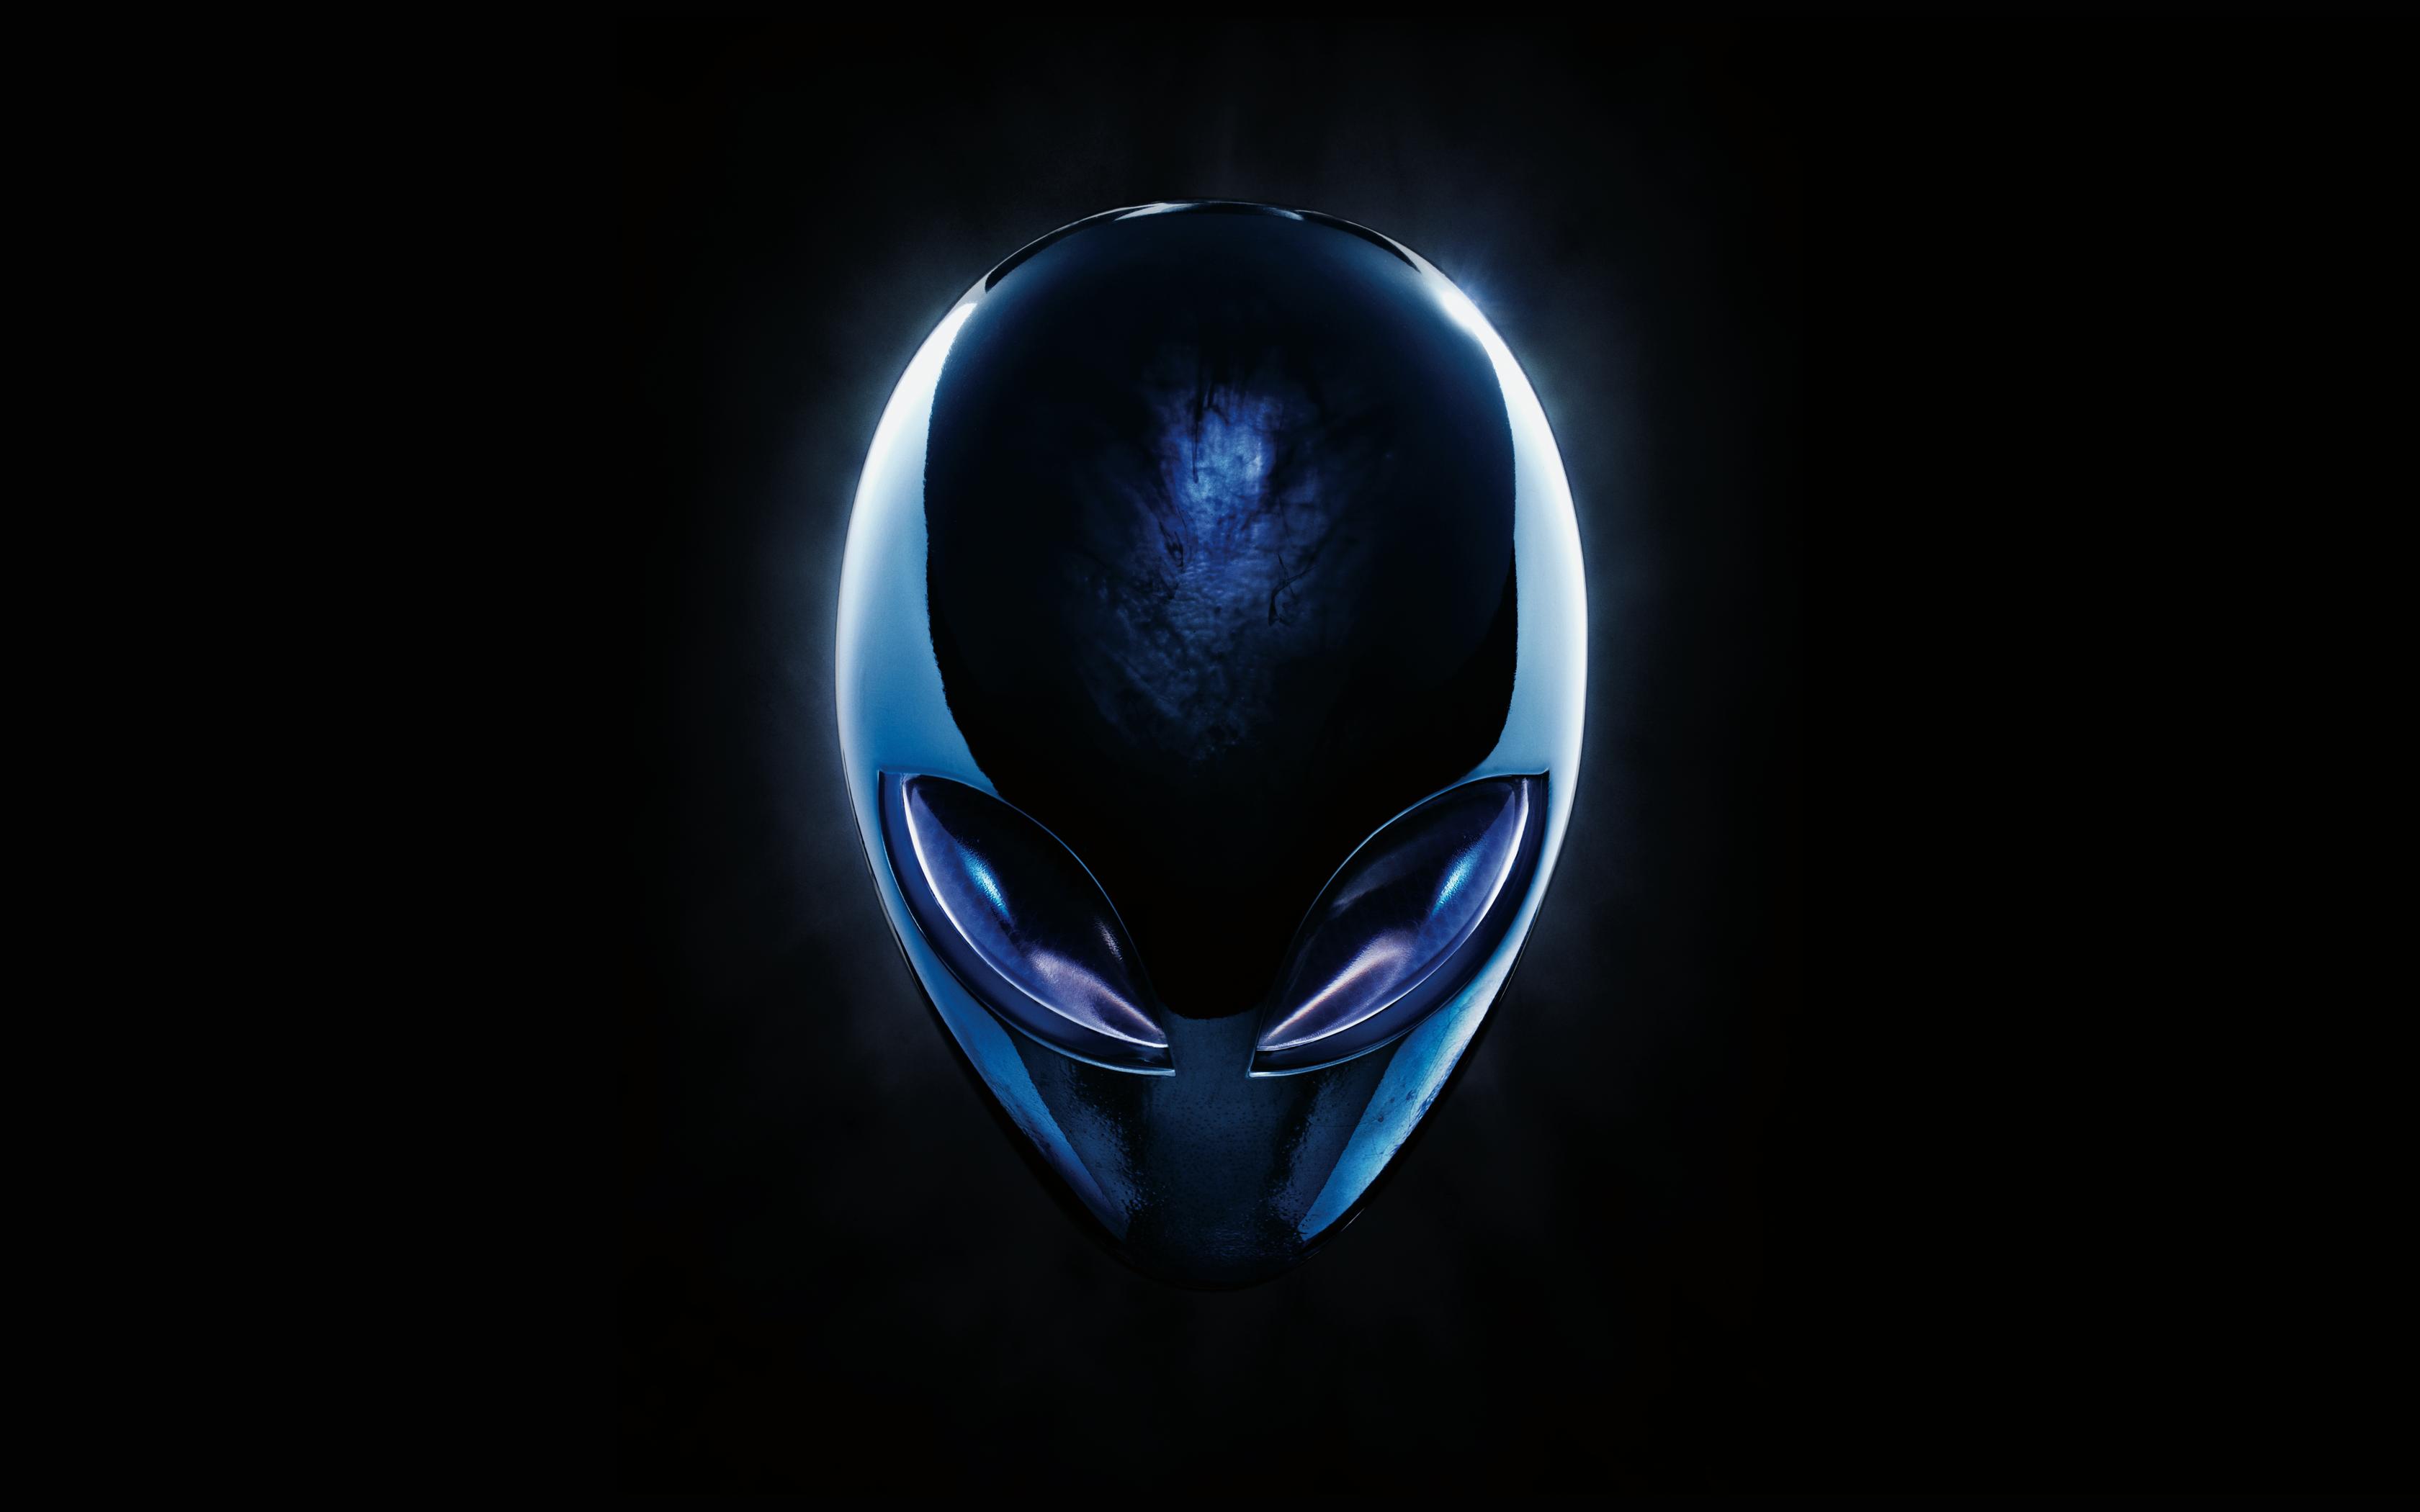 alienware wallpaper alienware theme for windows 7 alienware 3360x2100